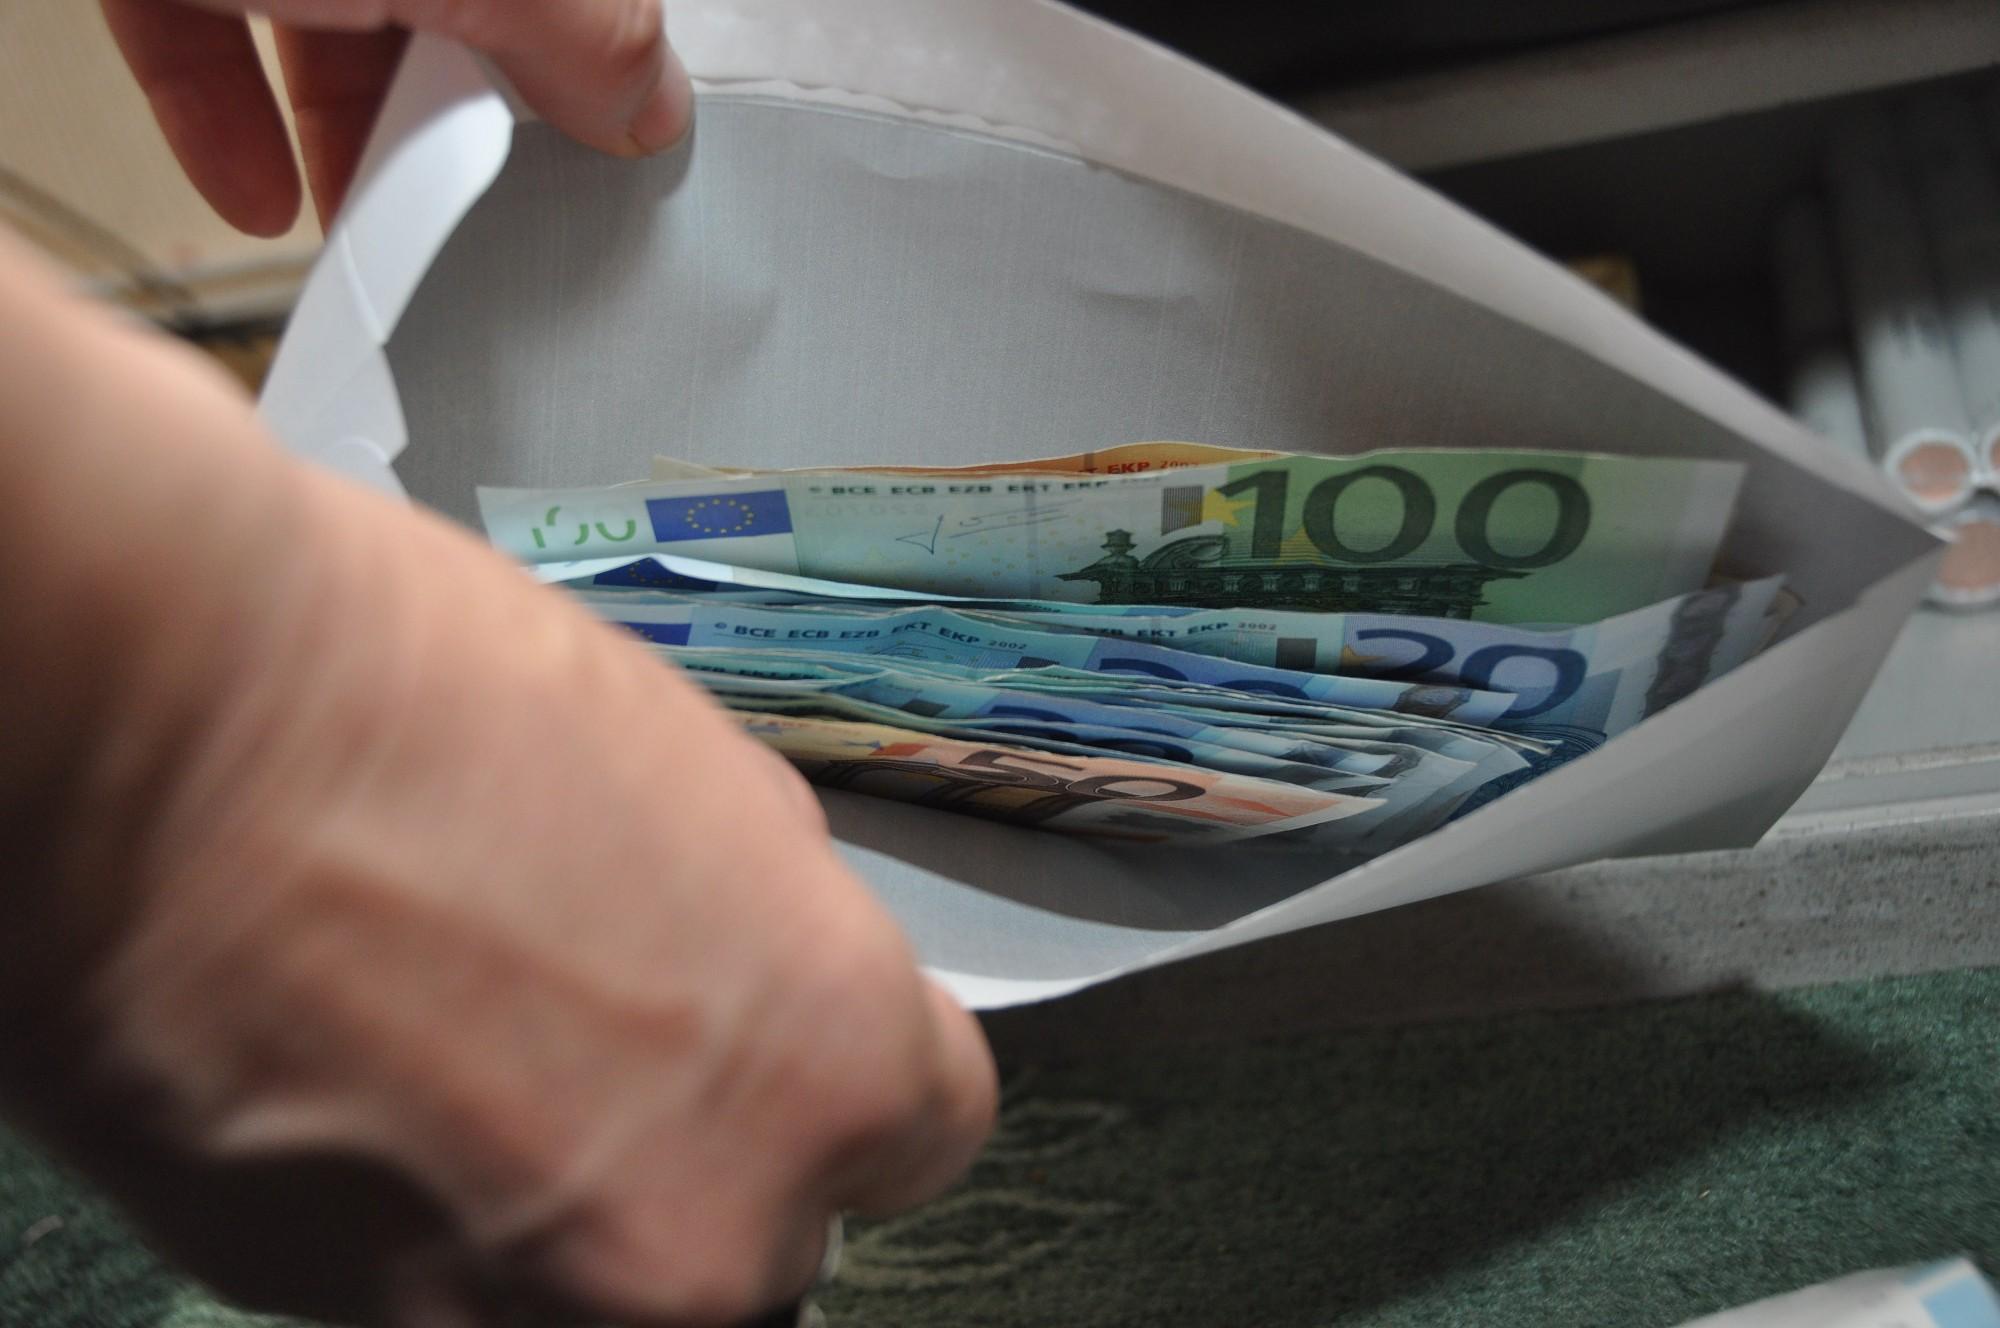 Veikala kasiere, veicot sev uzticētos darba pienākumus, no kases ilgākā laika periodā izņēmusi vairākus simtus eiro